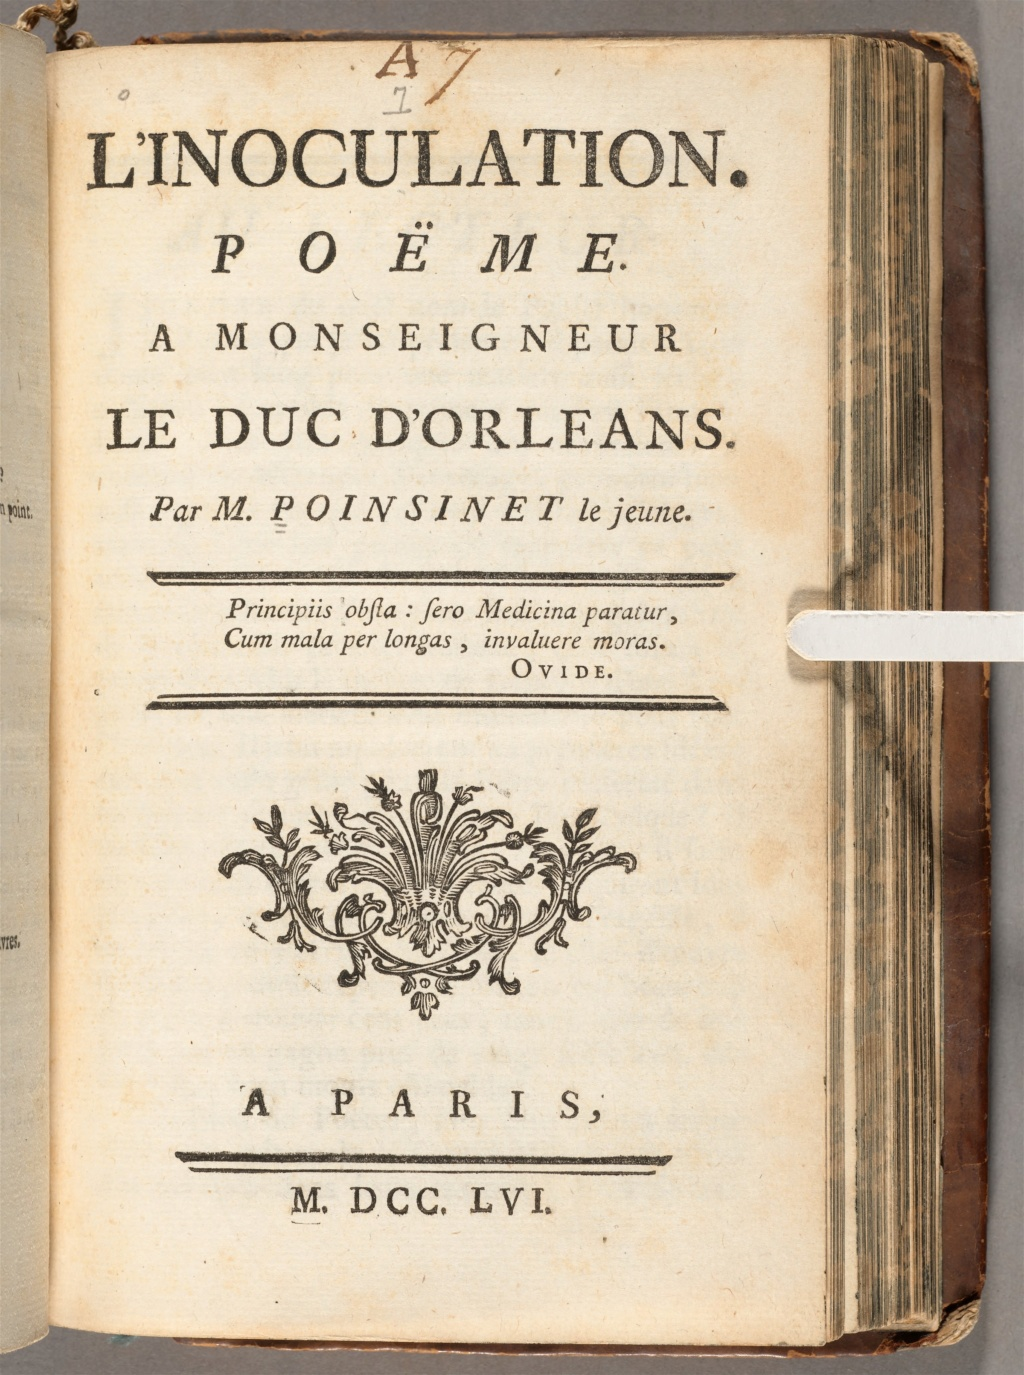 Les mystifications de Poinsinet 80737710